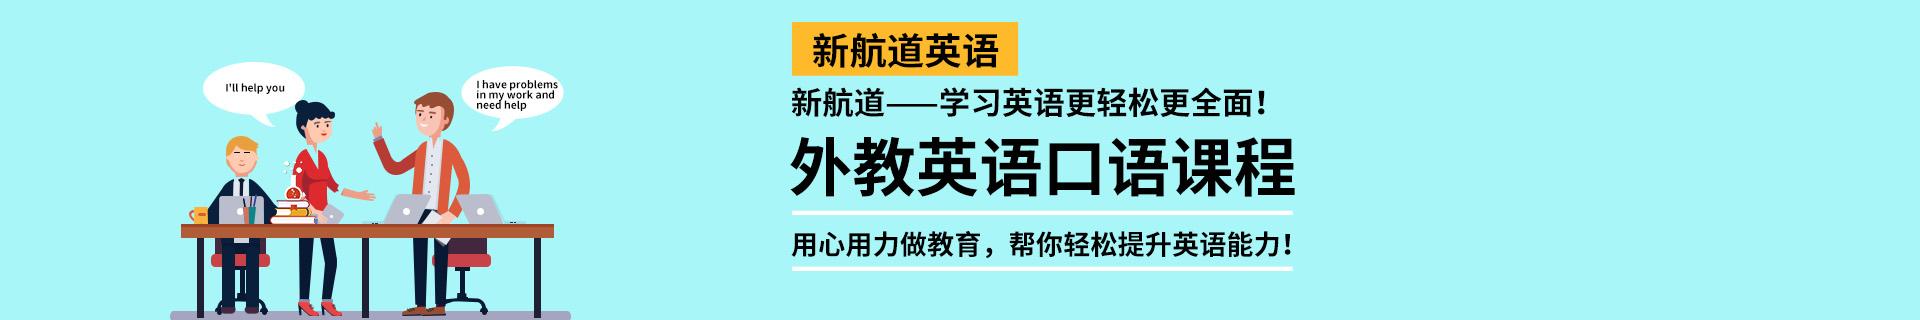 南京新航道英语培训